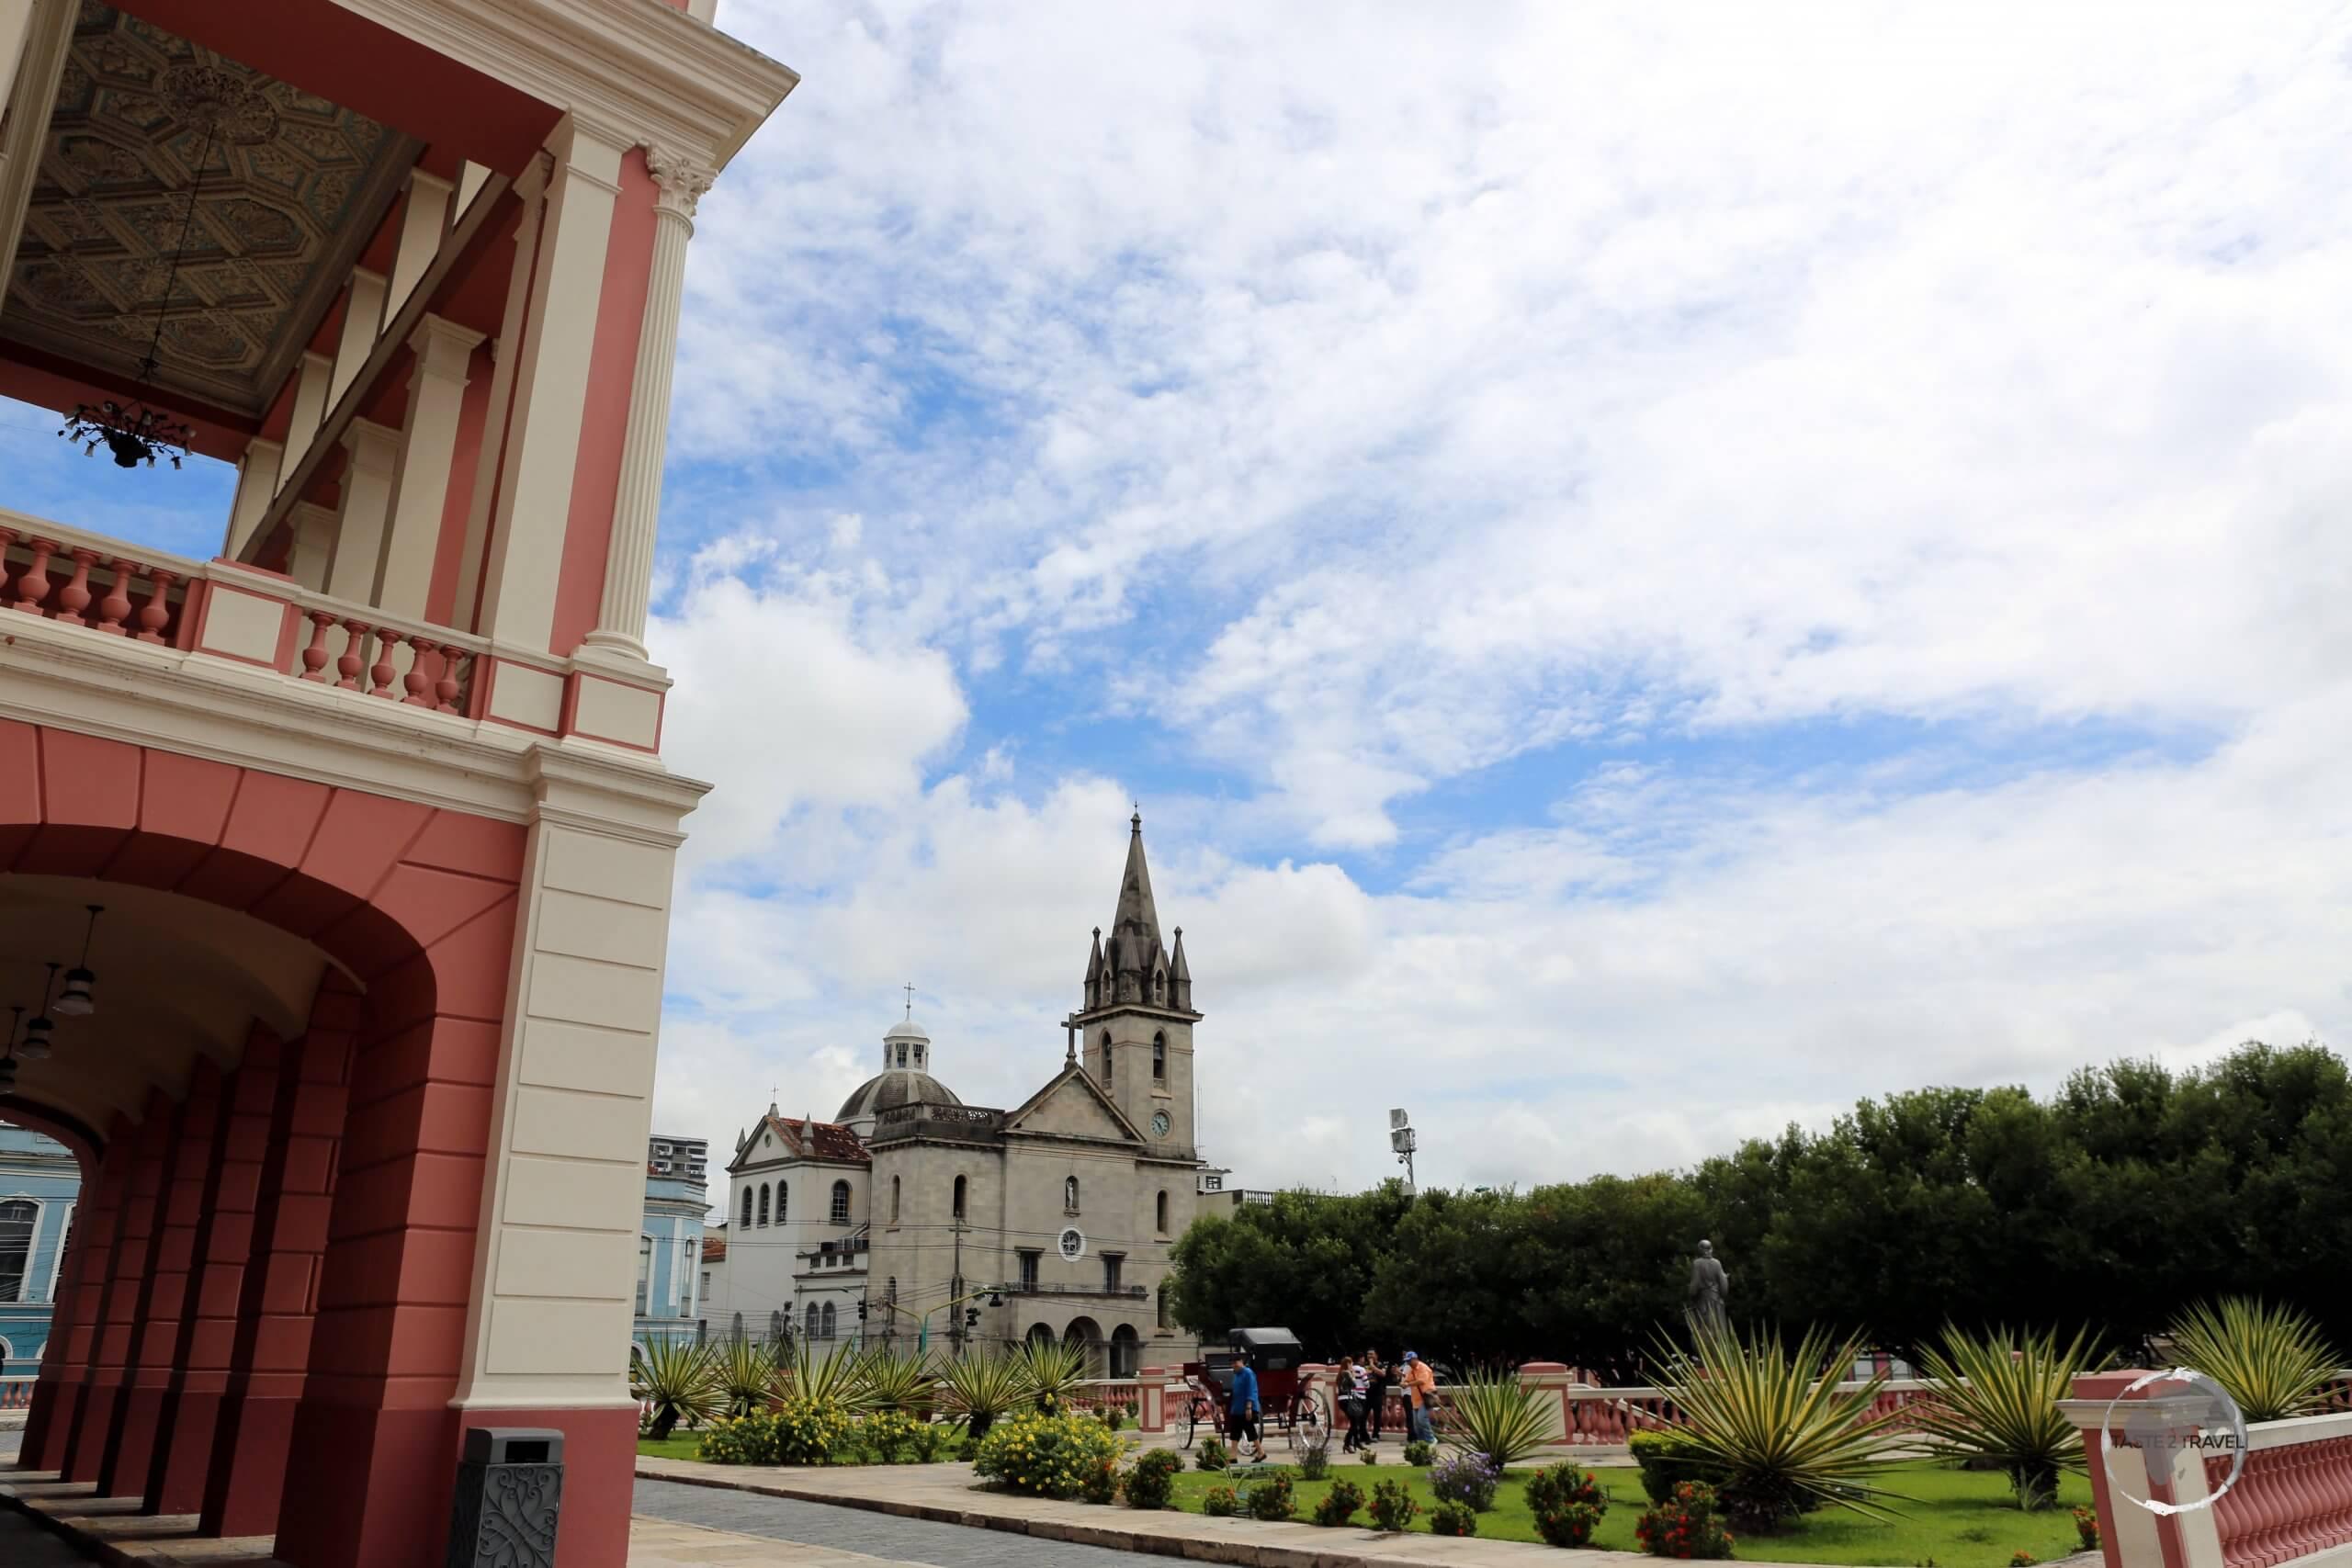 A view of the Amazon theatre, the Largo de São Sebastião (plaza) and the Escritório Paroquial de São Sebastião (church) in downtown Manaus.